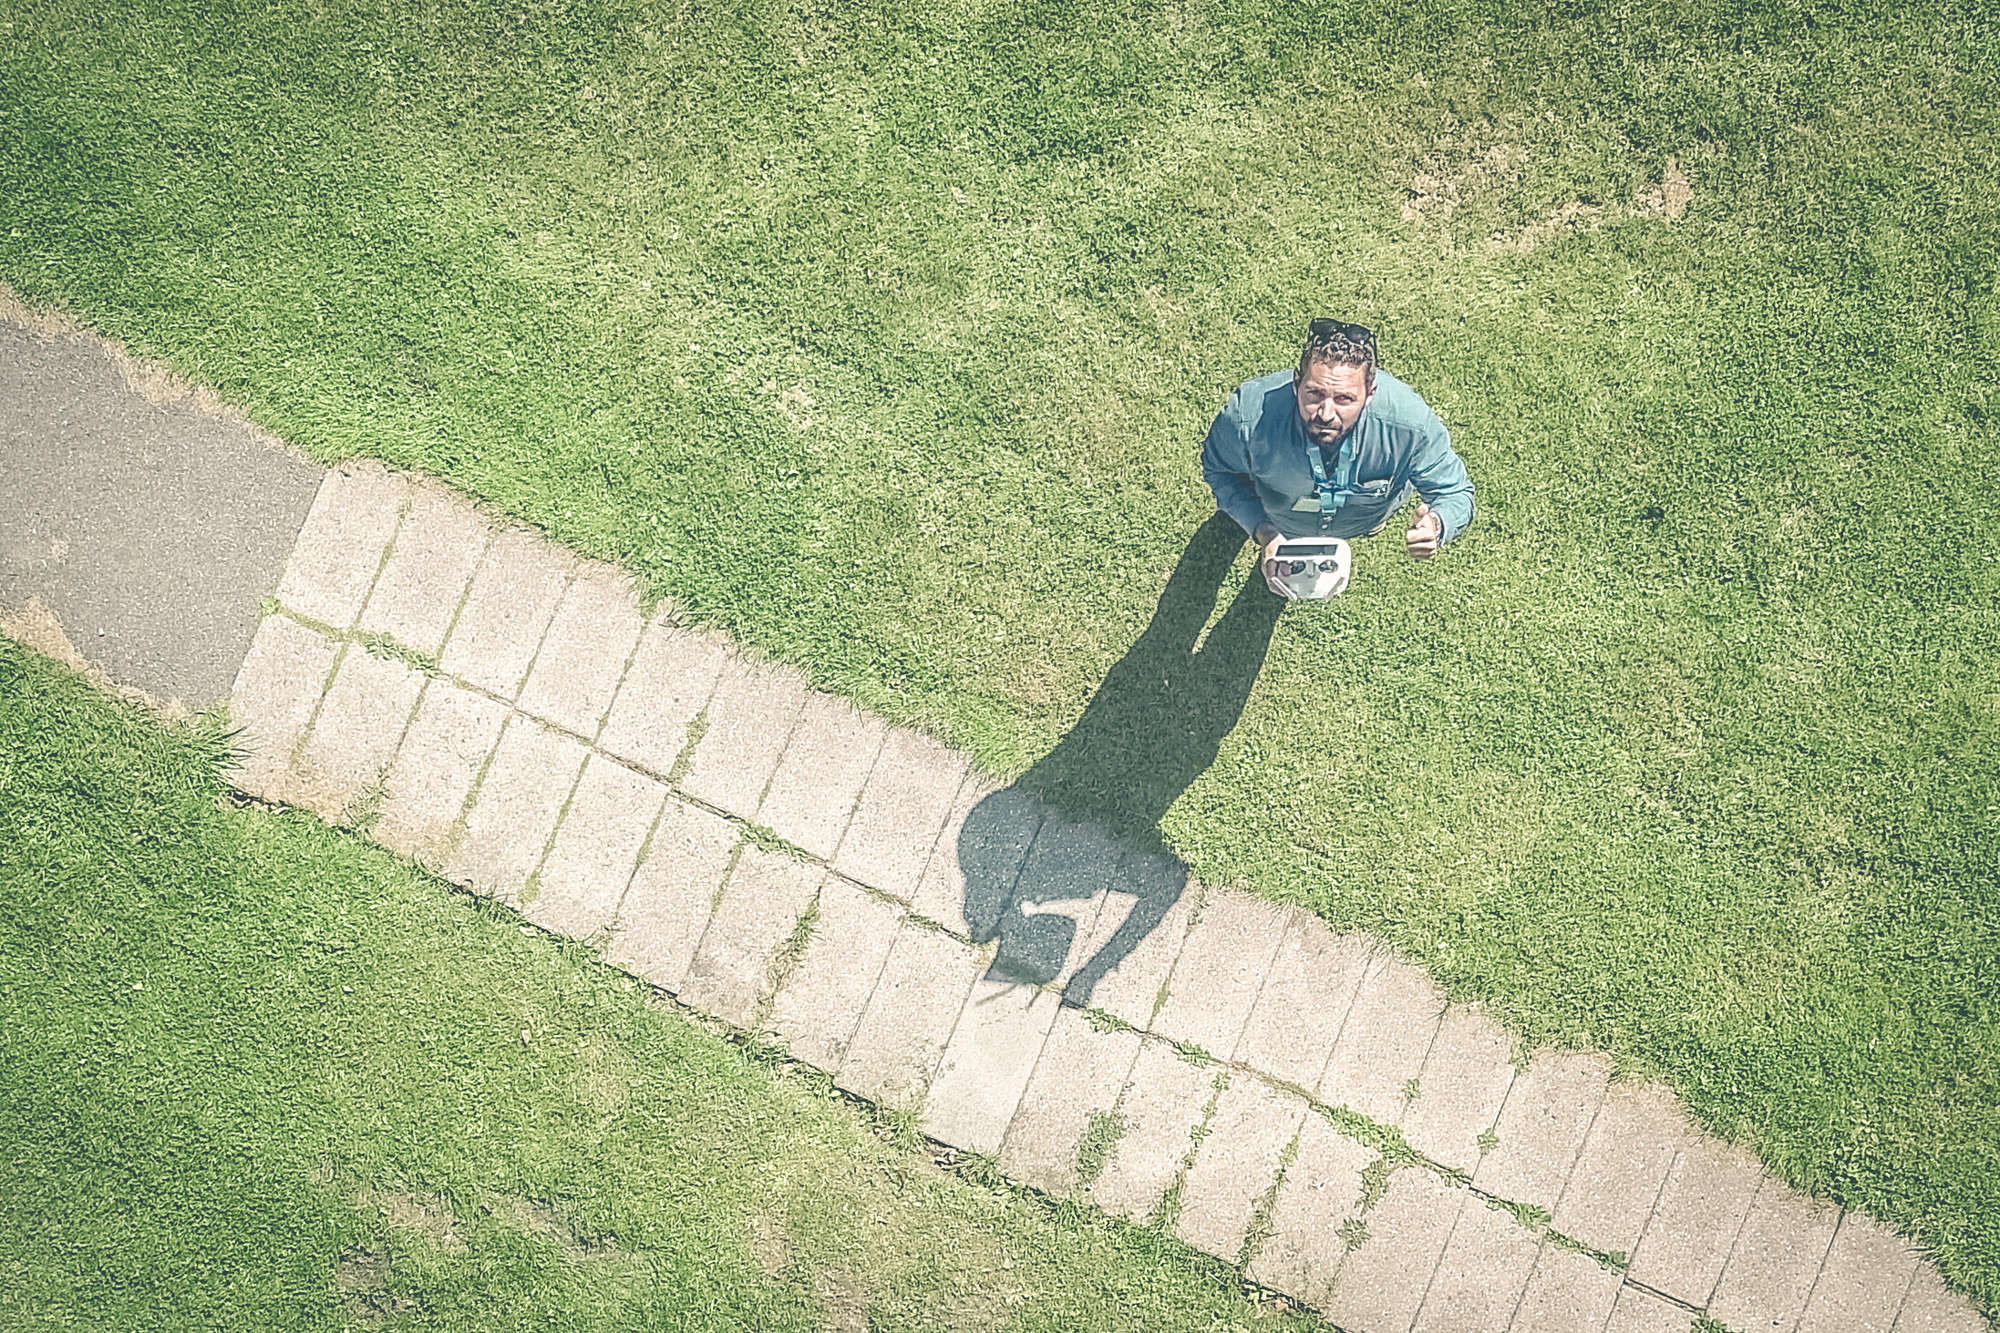 Konsult från Sustend stående på mark och tittar upp mot flygande drönare.